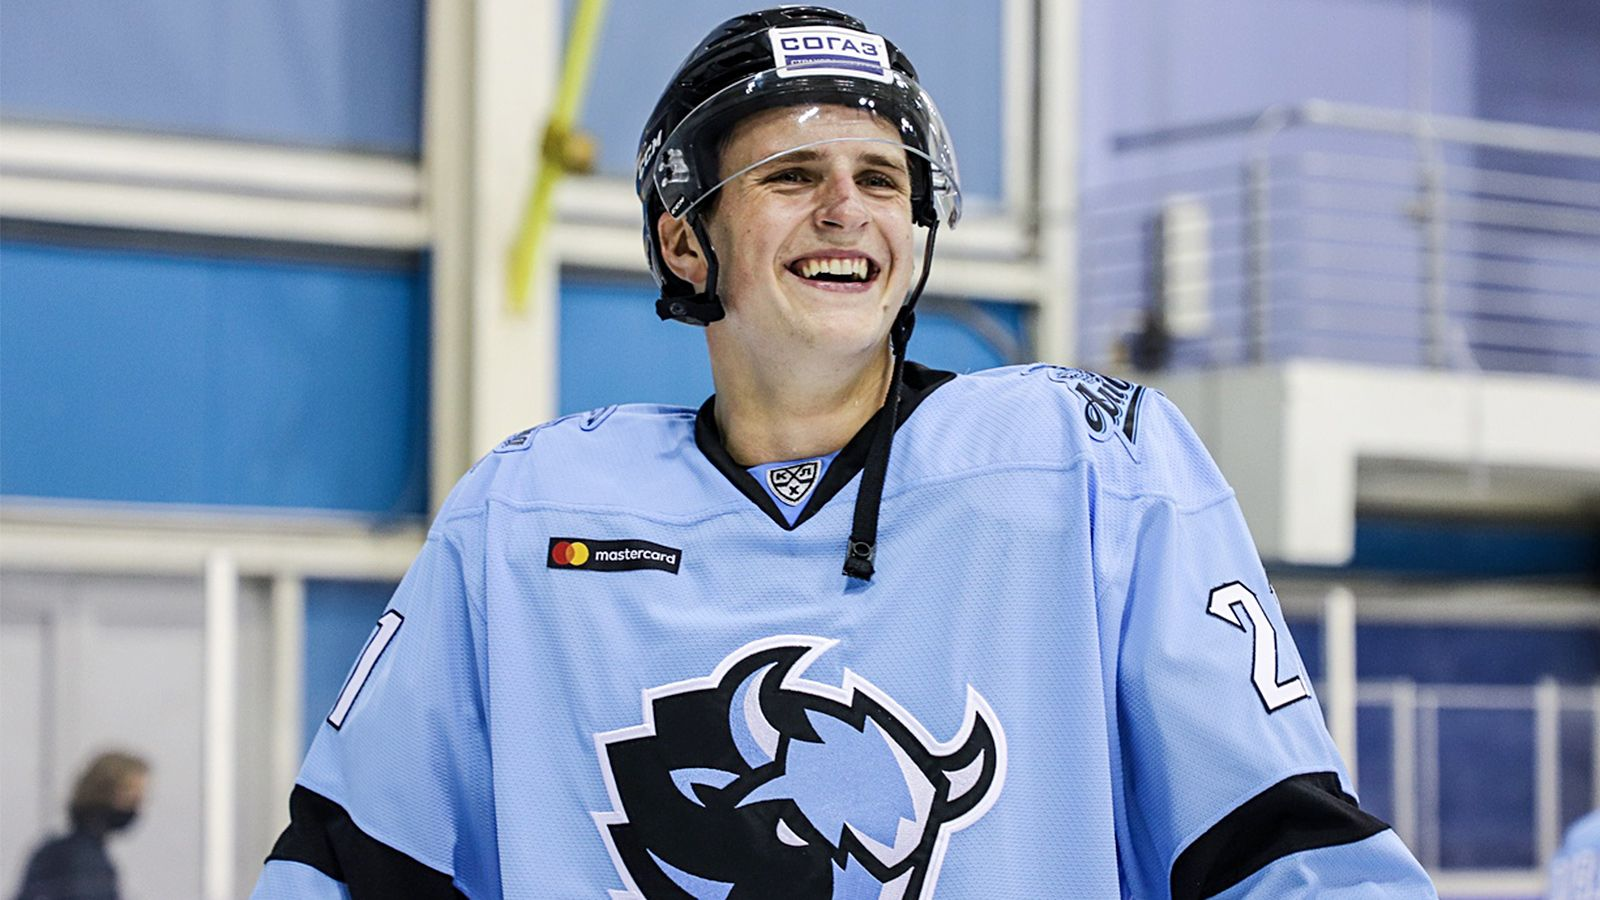 Алексей Протас, хоккеист - история, биография, статистика, видео голов. фото